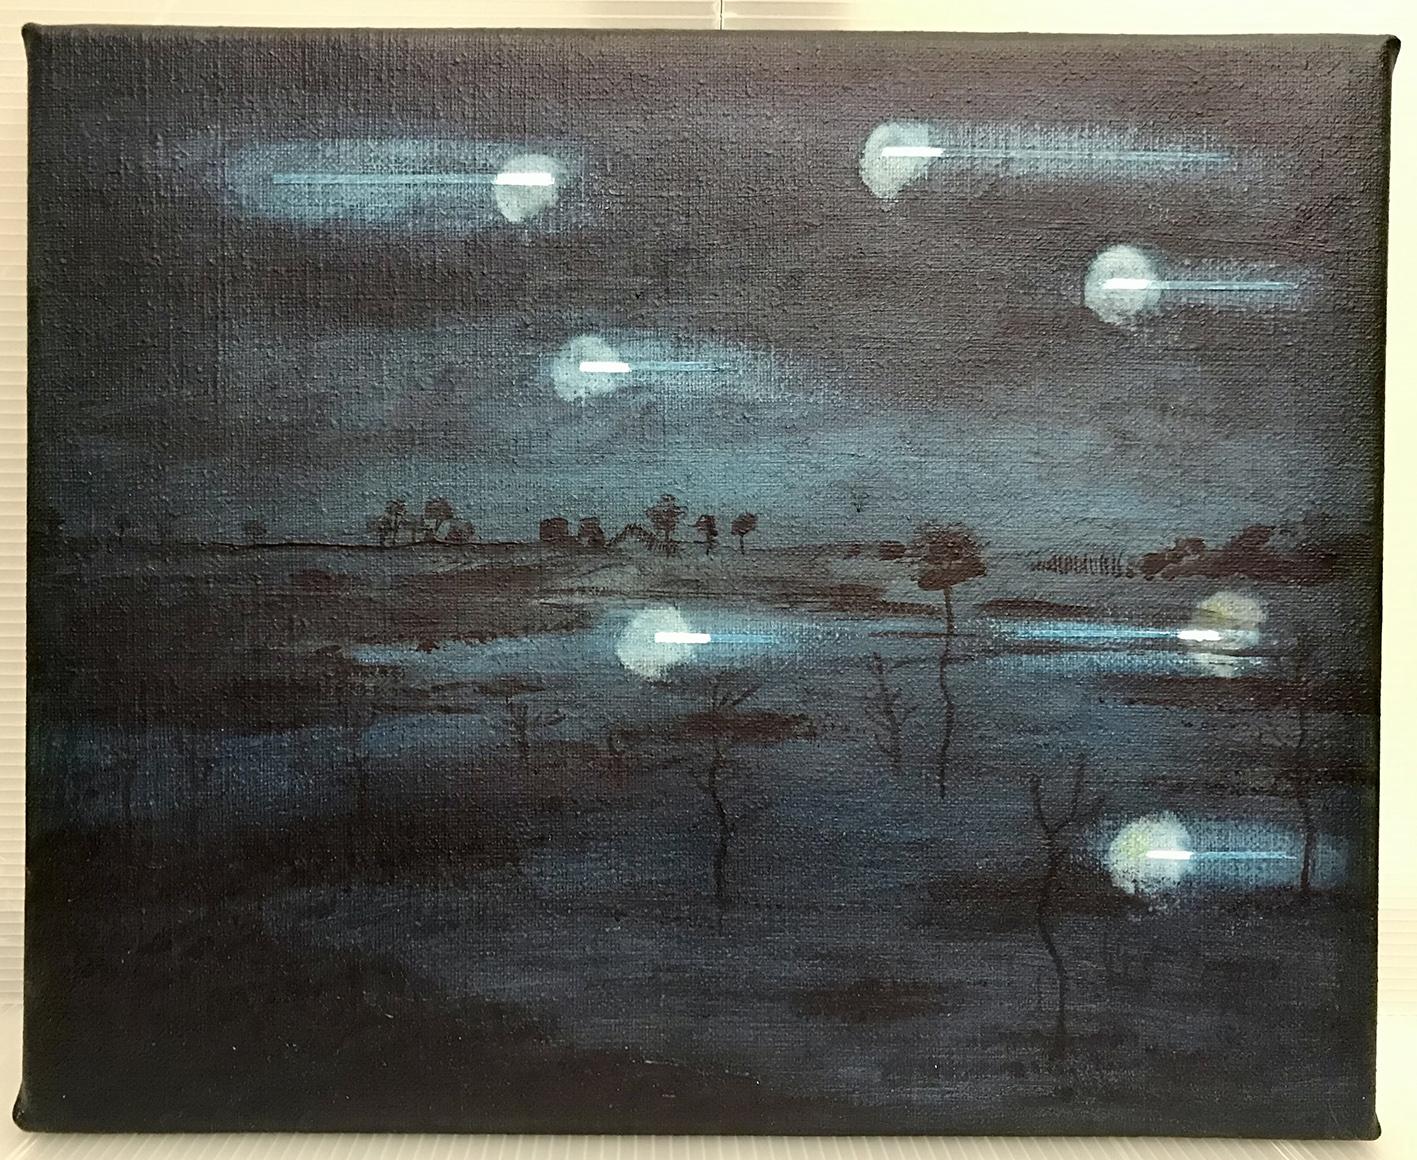 Vincent Land Gogh 8 (22x27cm) 2020